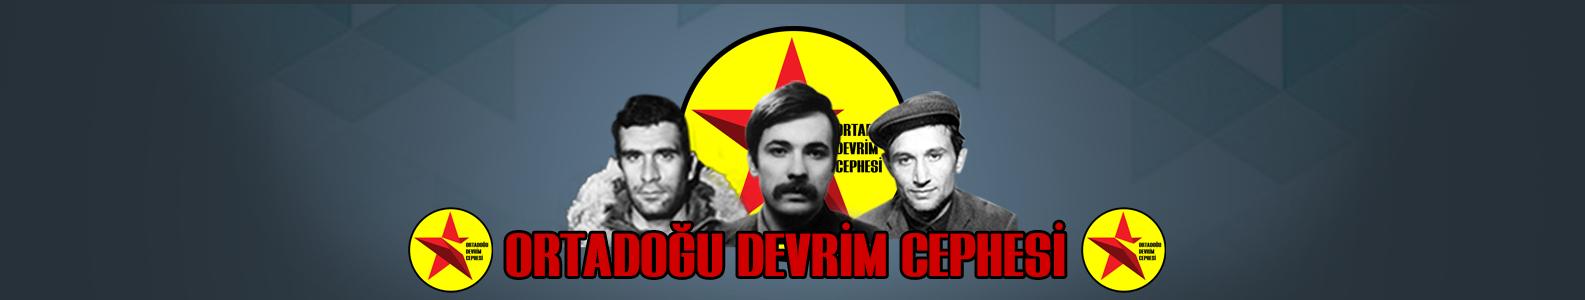 Türkiye Halk Kurtuluş Partisi-Cephesi